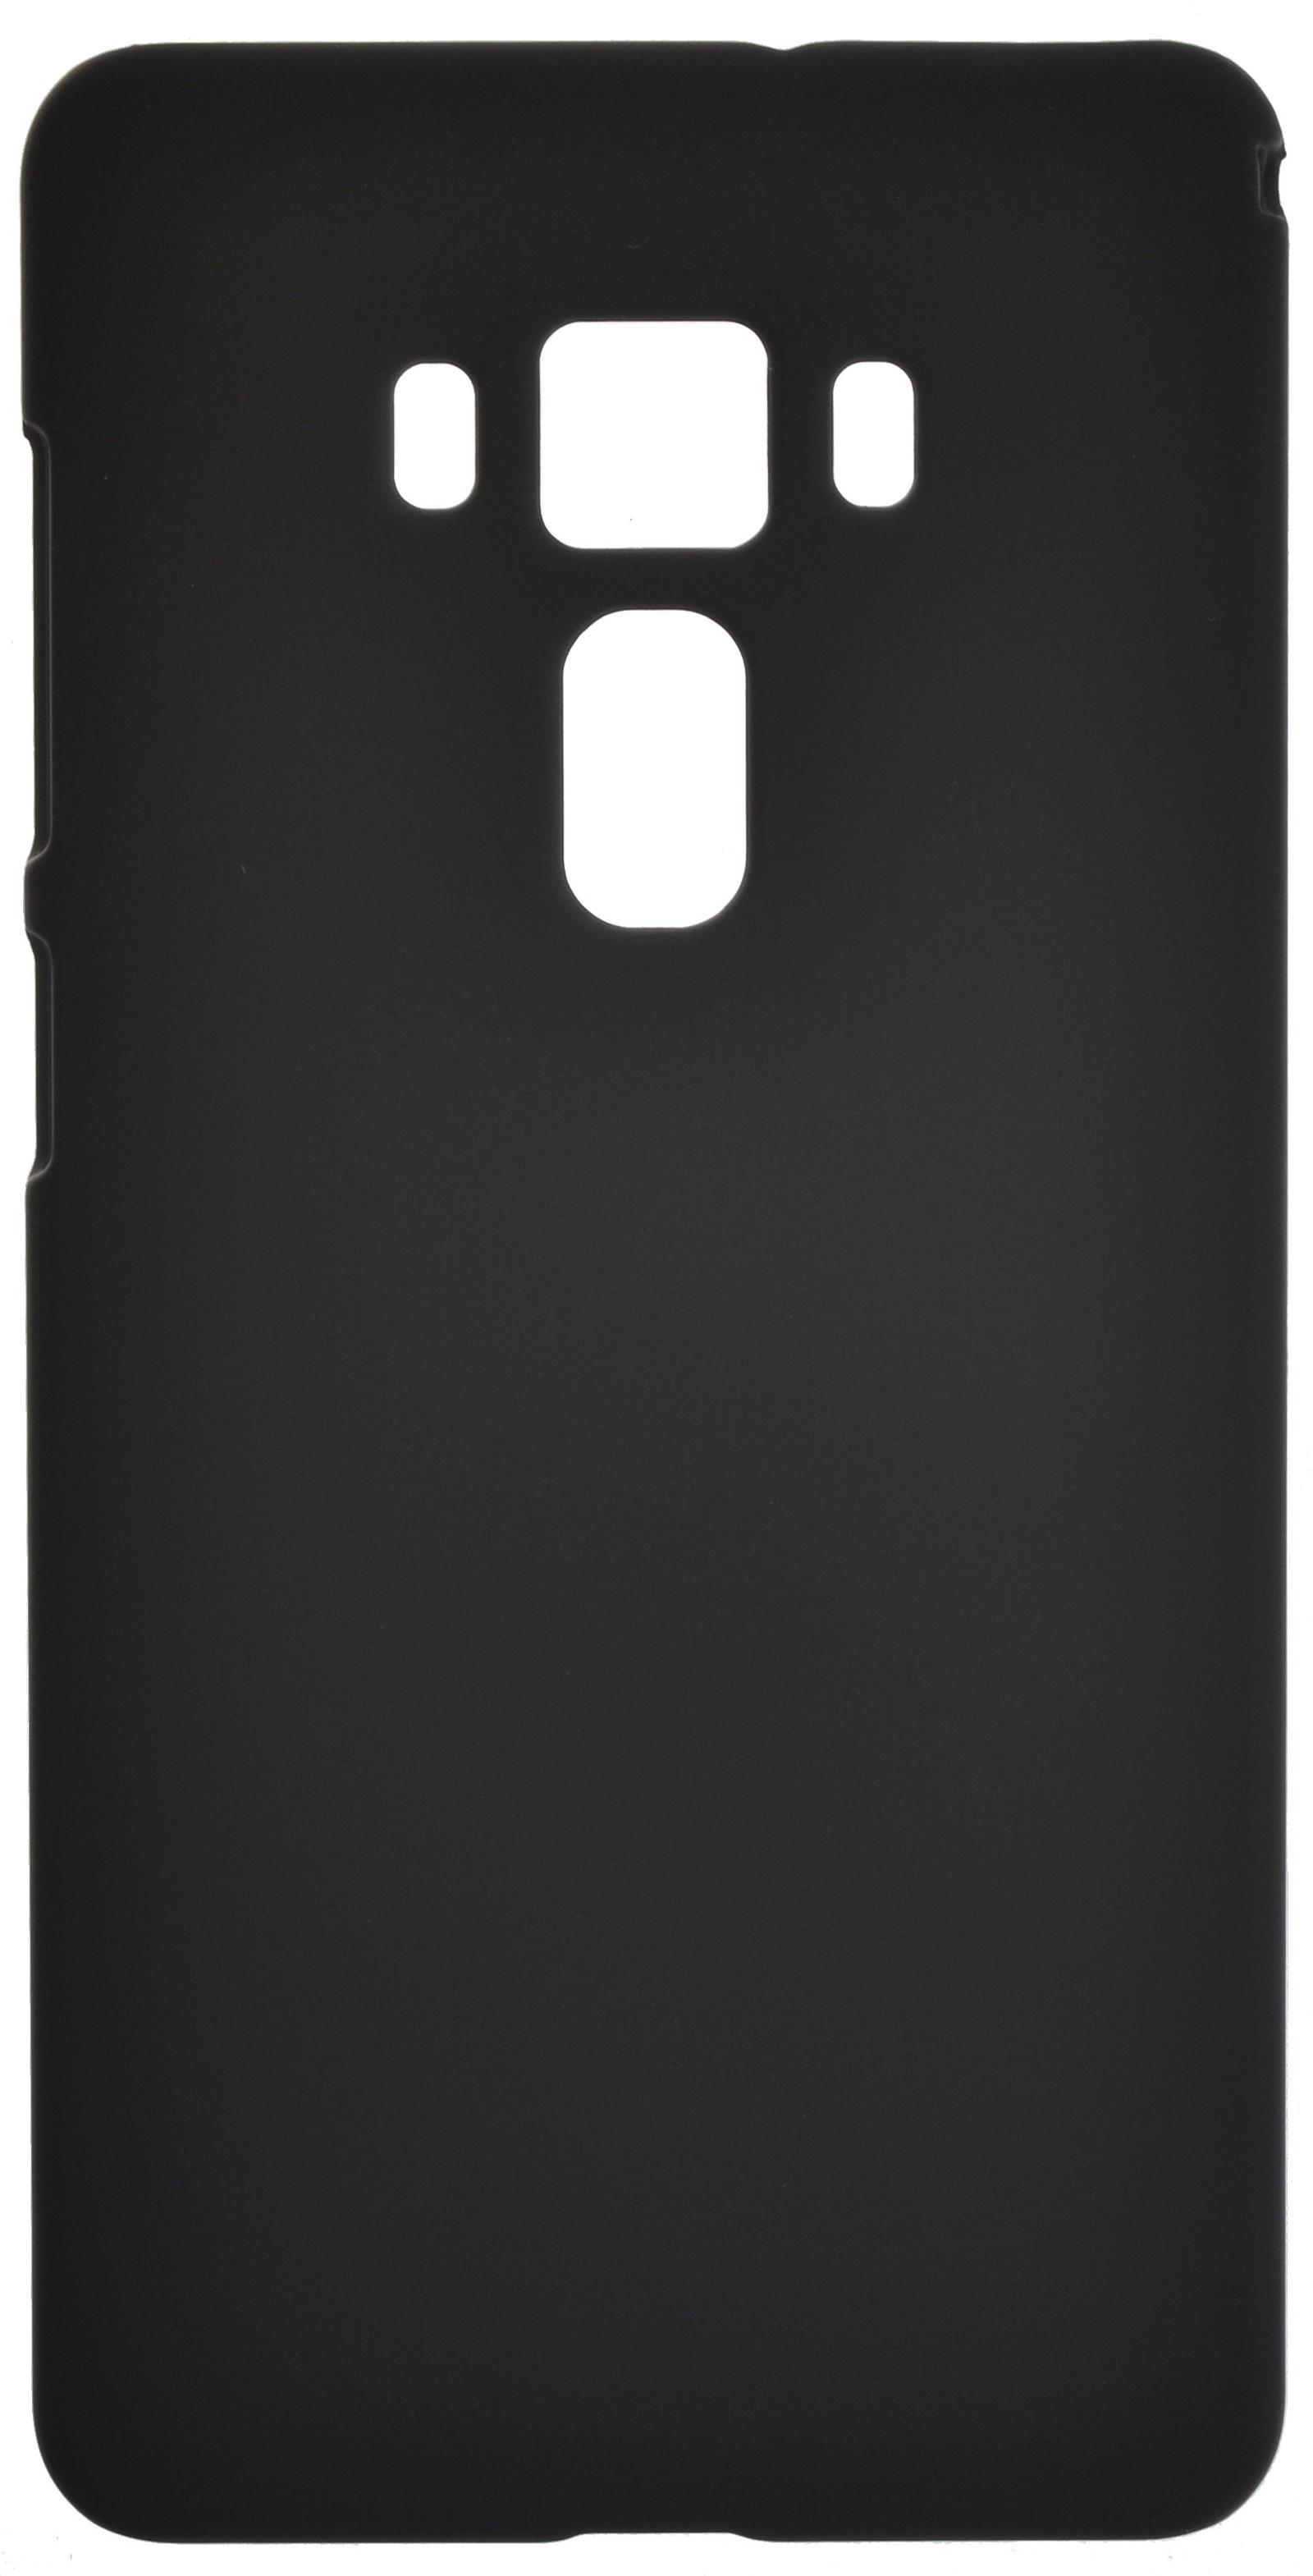 цена на Чехол для сотового телефона skinBOX 4People, 4630042528291, черный